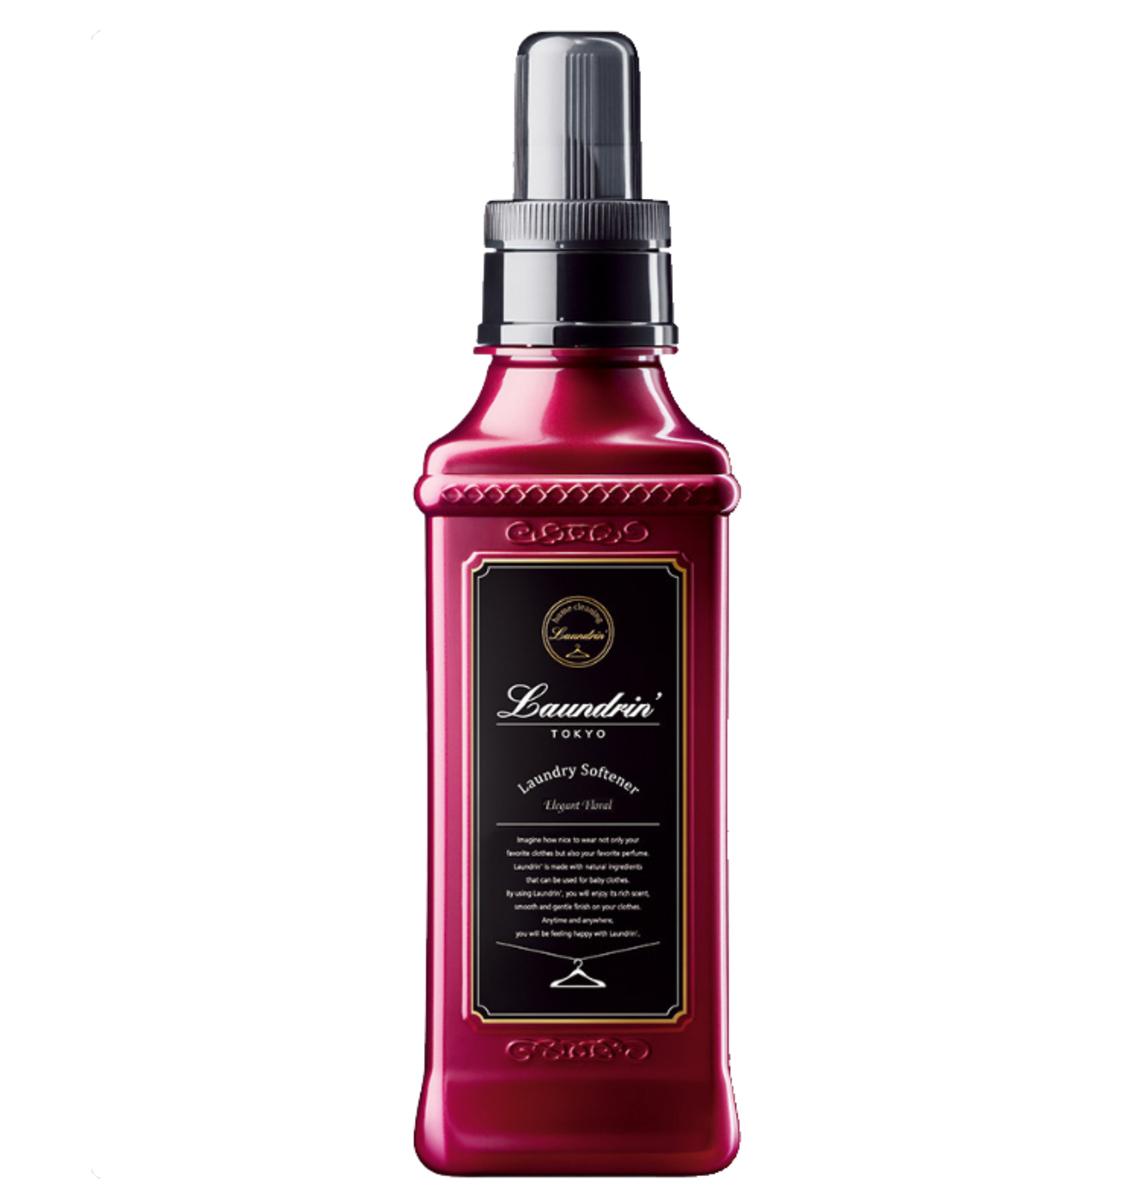 香水柔順劑 - 優雅花香 600ml (紅色)